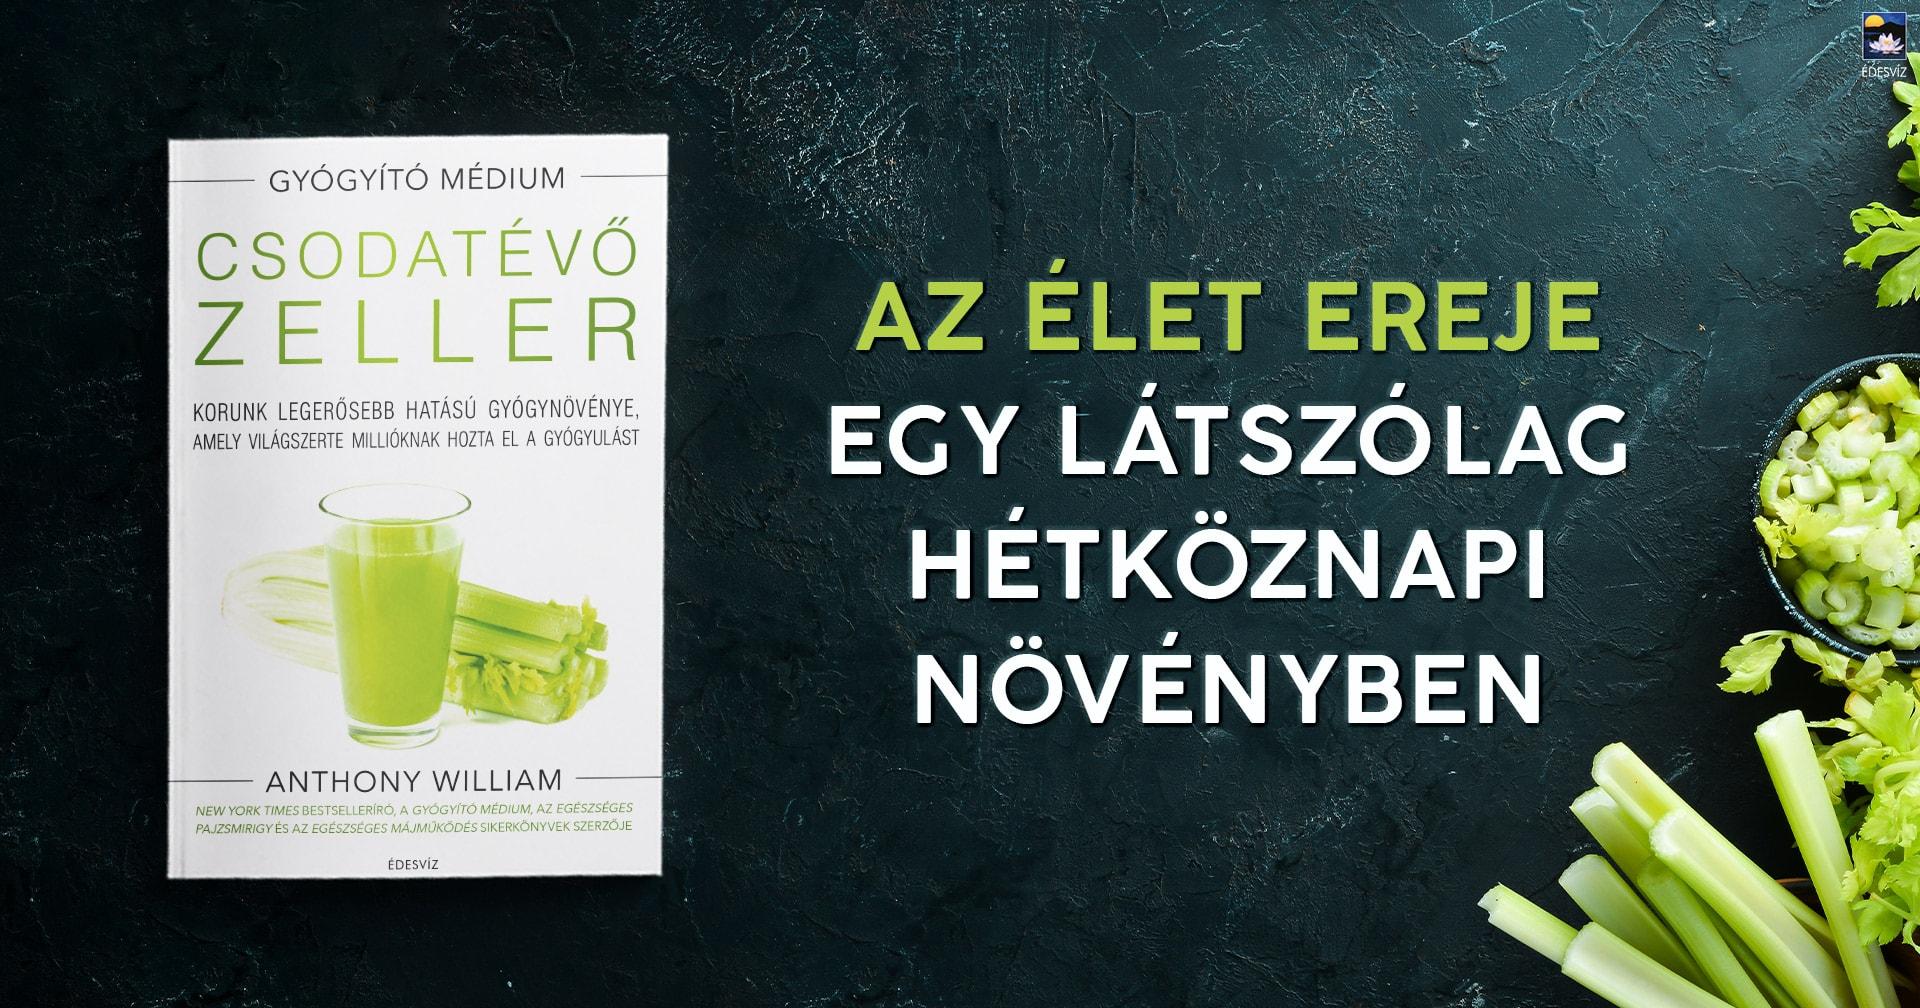 zeller-cikk-banner